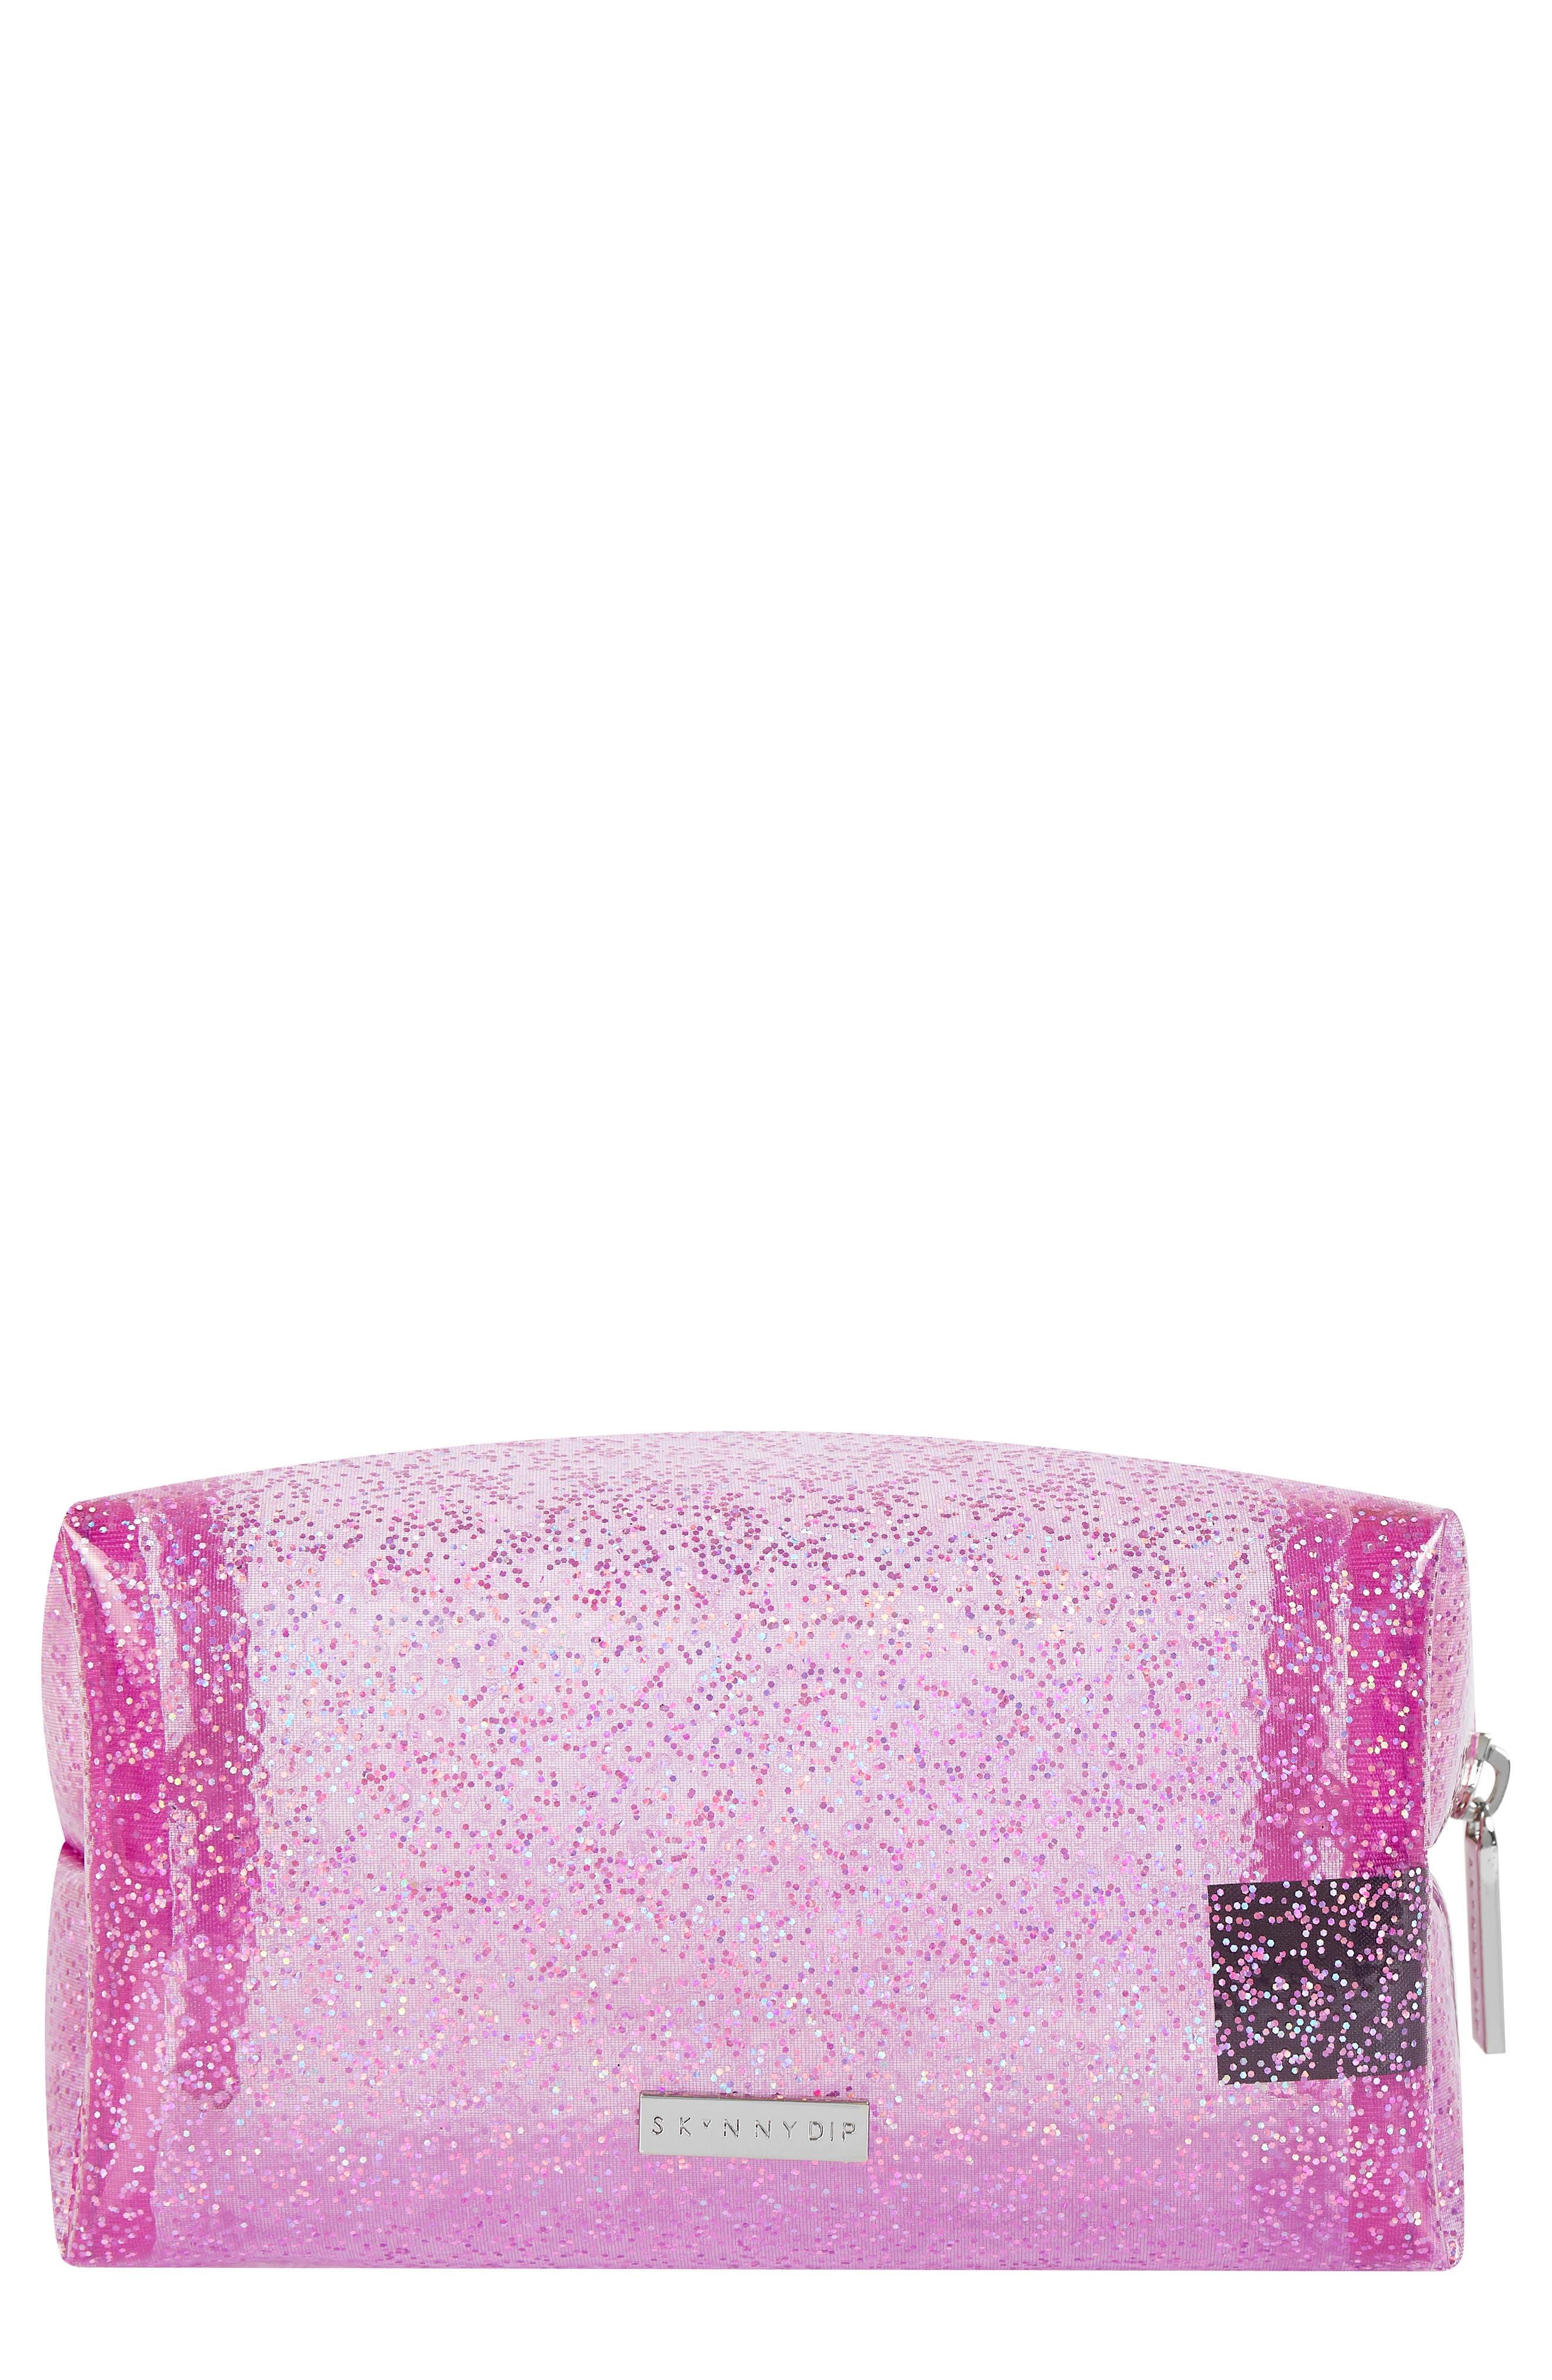 Glitter Bomb Makeup Bag,                         Main,                         color, 000